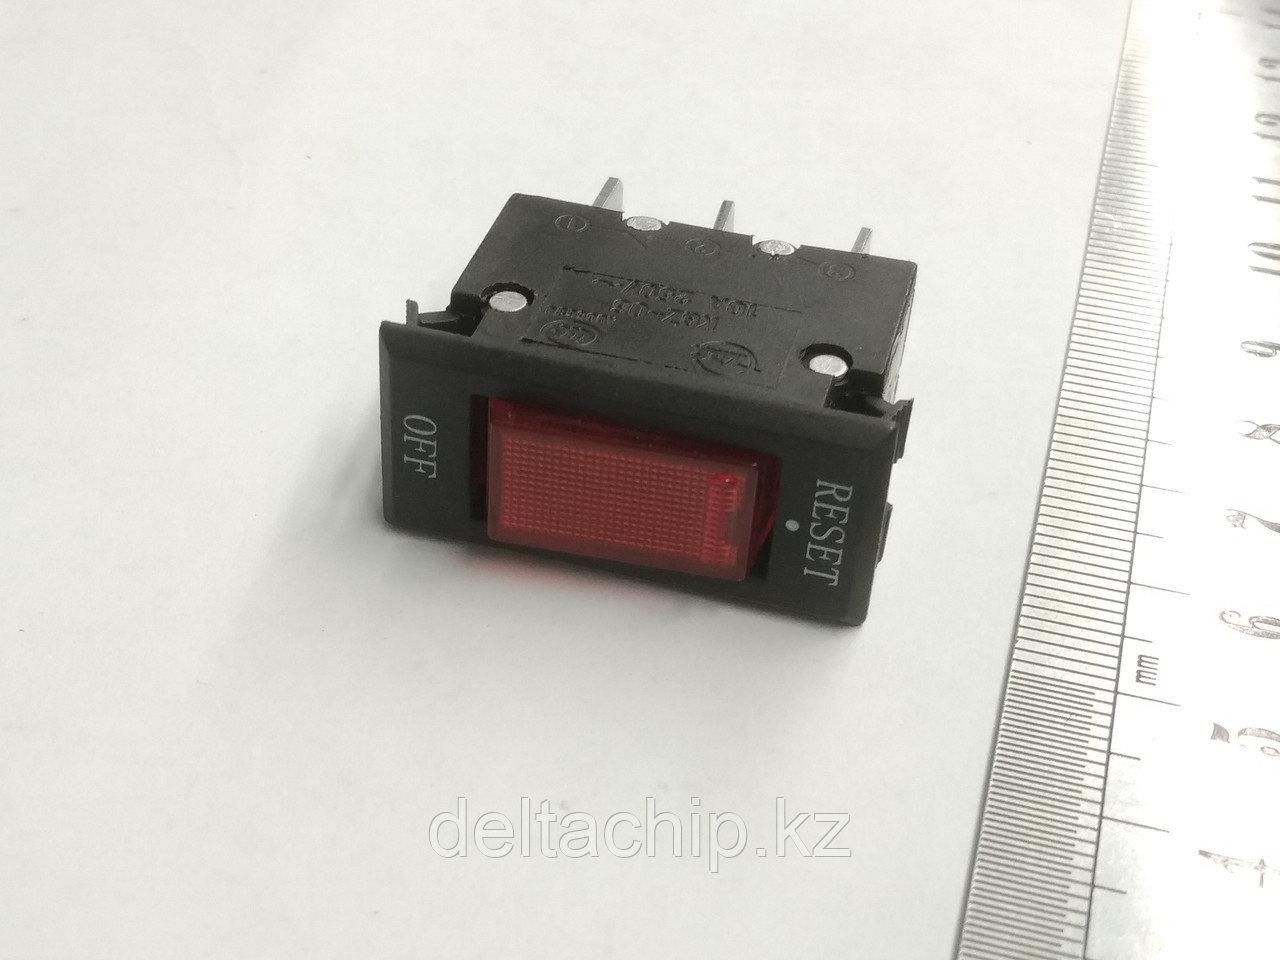 Клавиша 2 положения с фиксацией 3 конт. предохранитель 10А подсветка